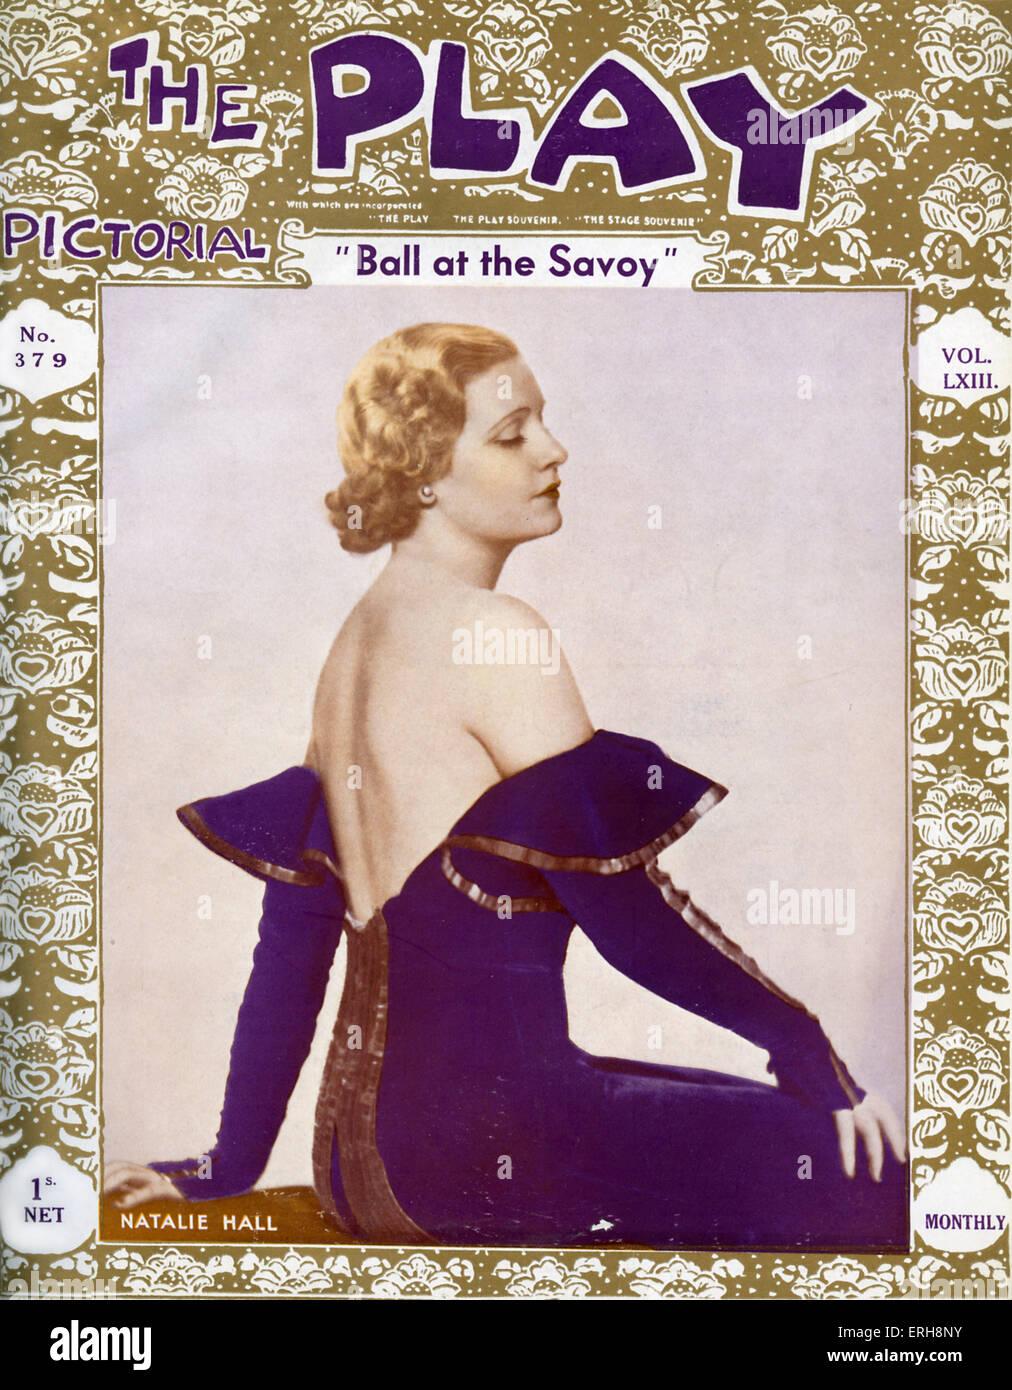 Il gioco - pittorica del coperchio anteriore, n. 397 (Volume LXIII), ottobre 1933. Con Natalie Hall come Madeleine Immagini Stock